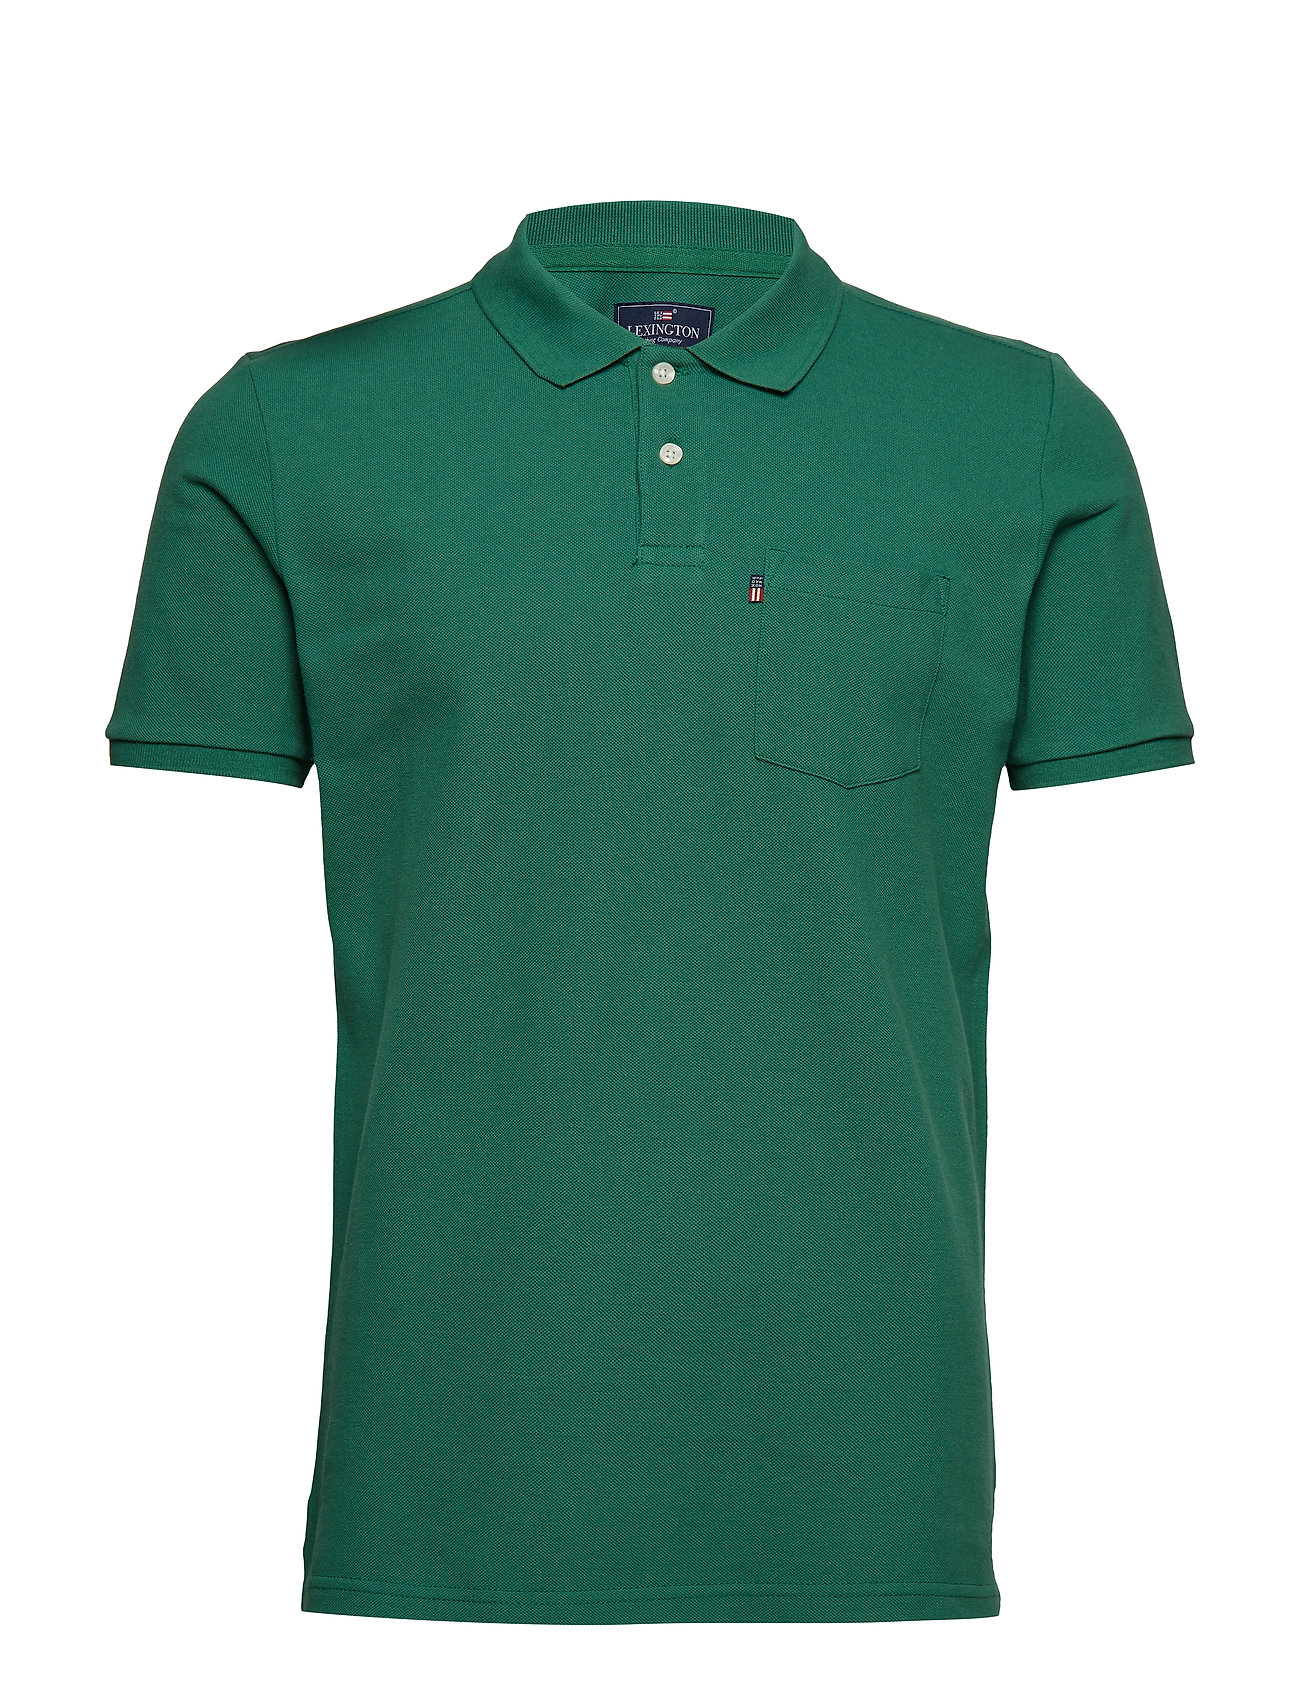 Lexington Clothing Quentin Polo - FOLIAGE GREEN